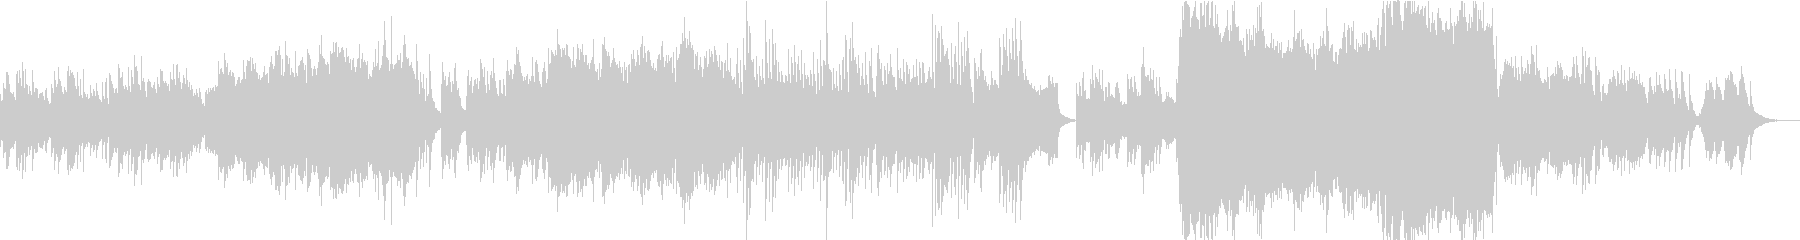 琴(生演奏)の音色が美しい和風曲の未再生の波形